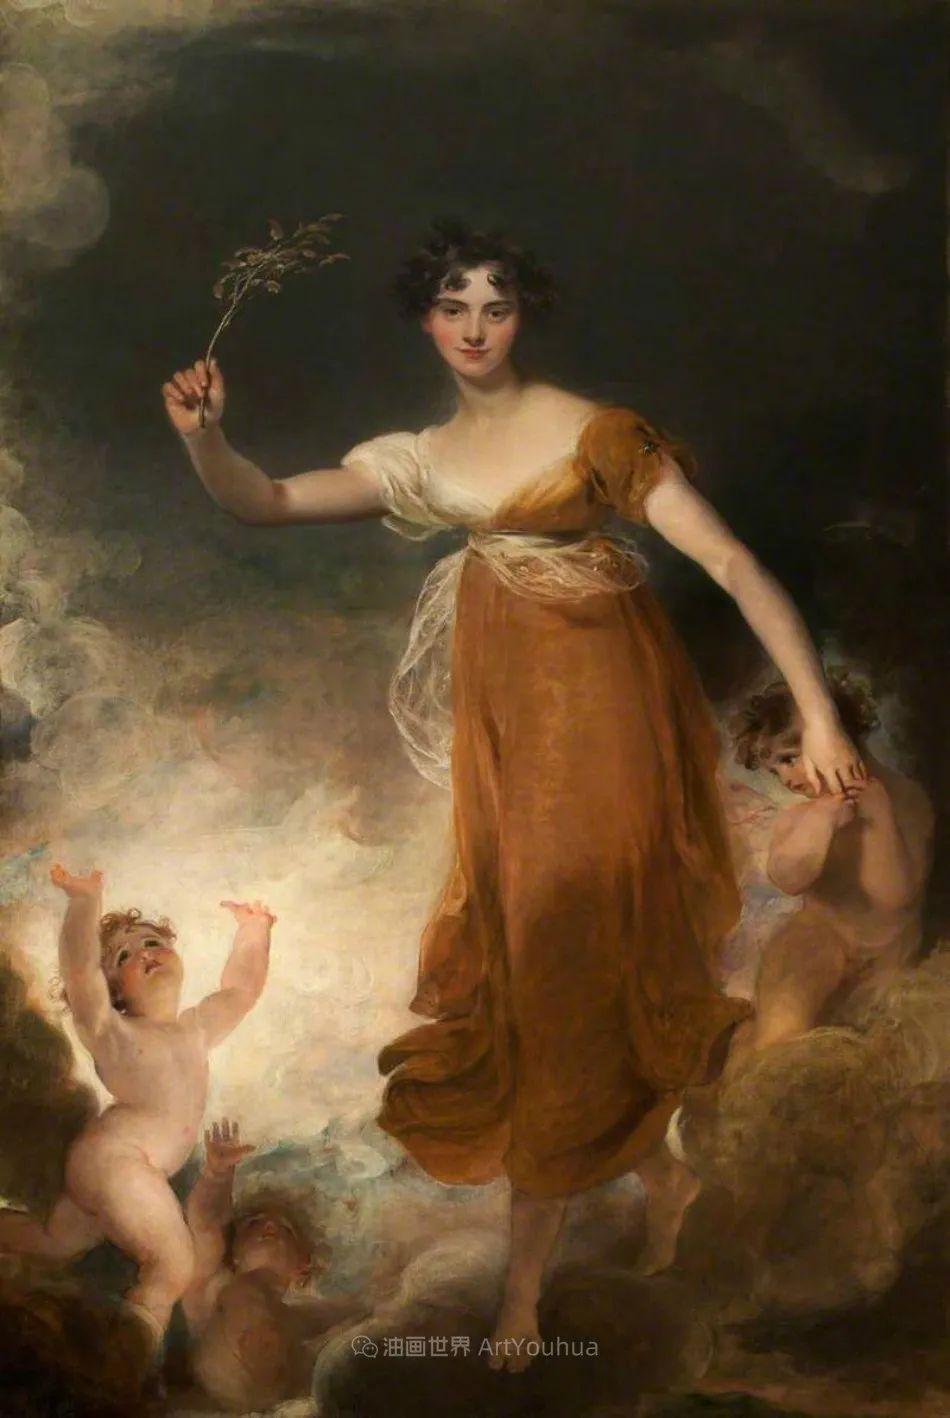 两百年前华丽风格的女性肖像,奔放的笔触、明亮的色彩!插图101